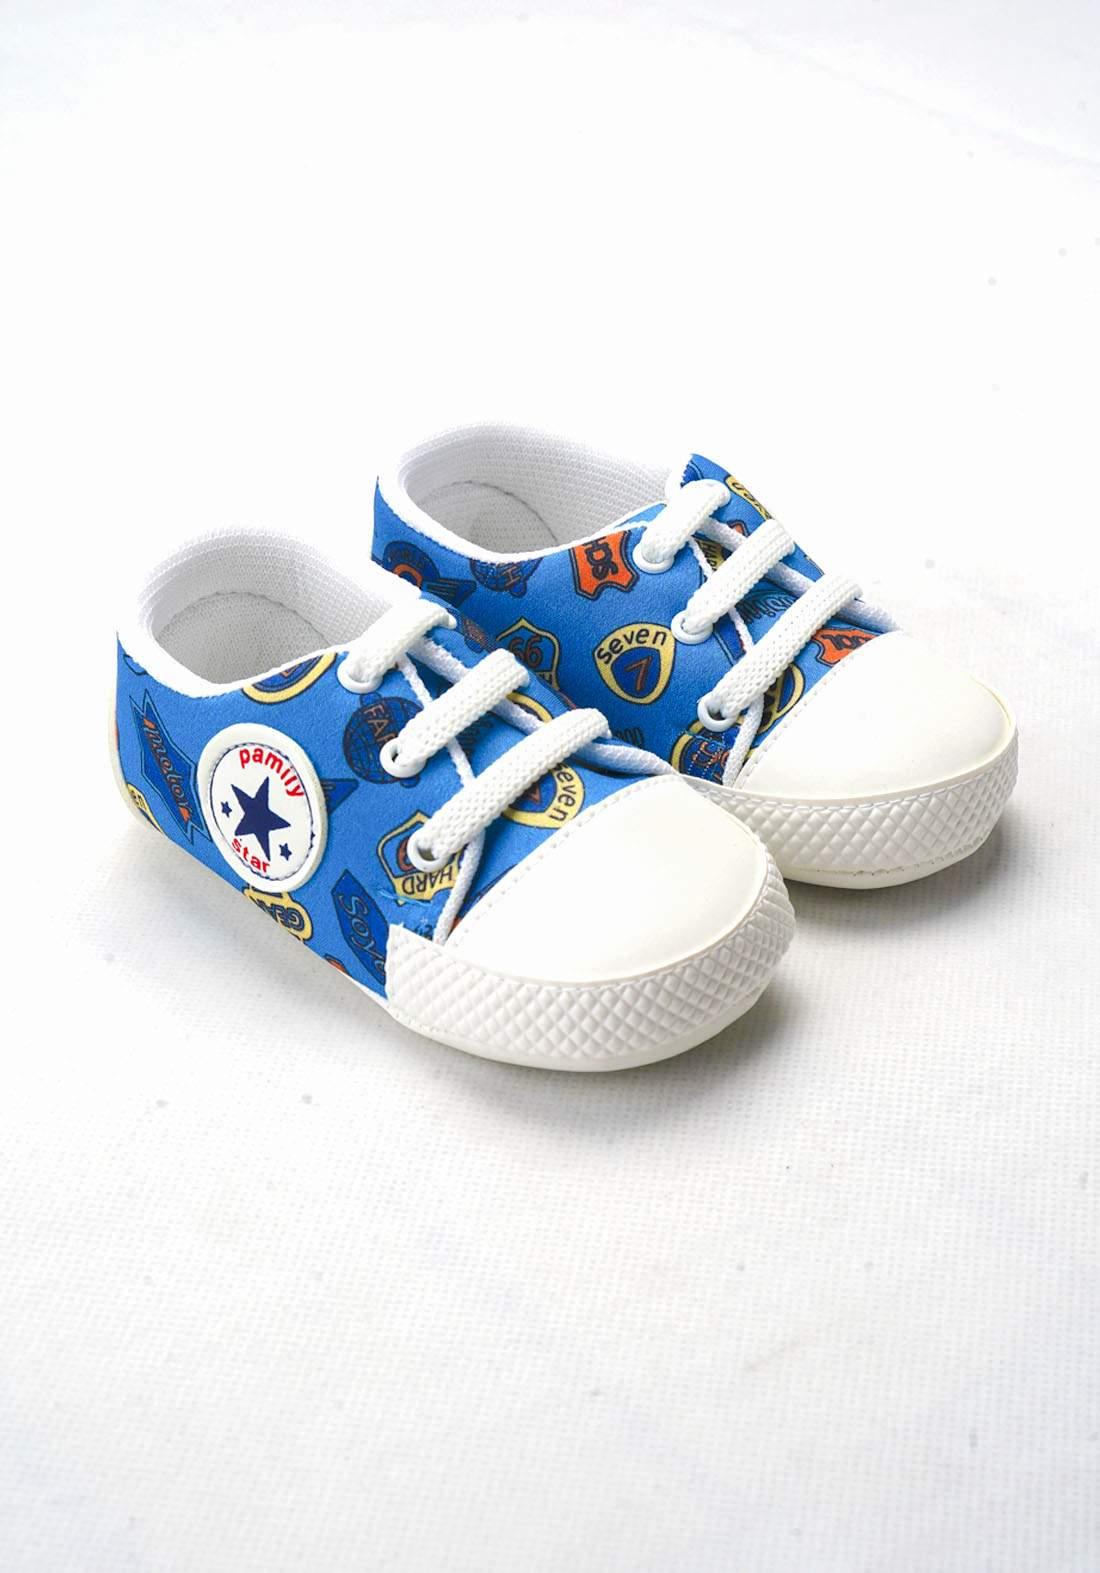 حذاء ولادي للاطفال حديثي الولادة سمائي اللون